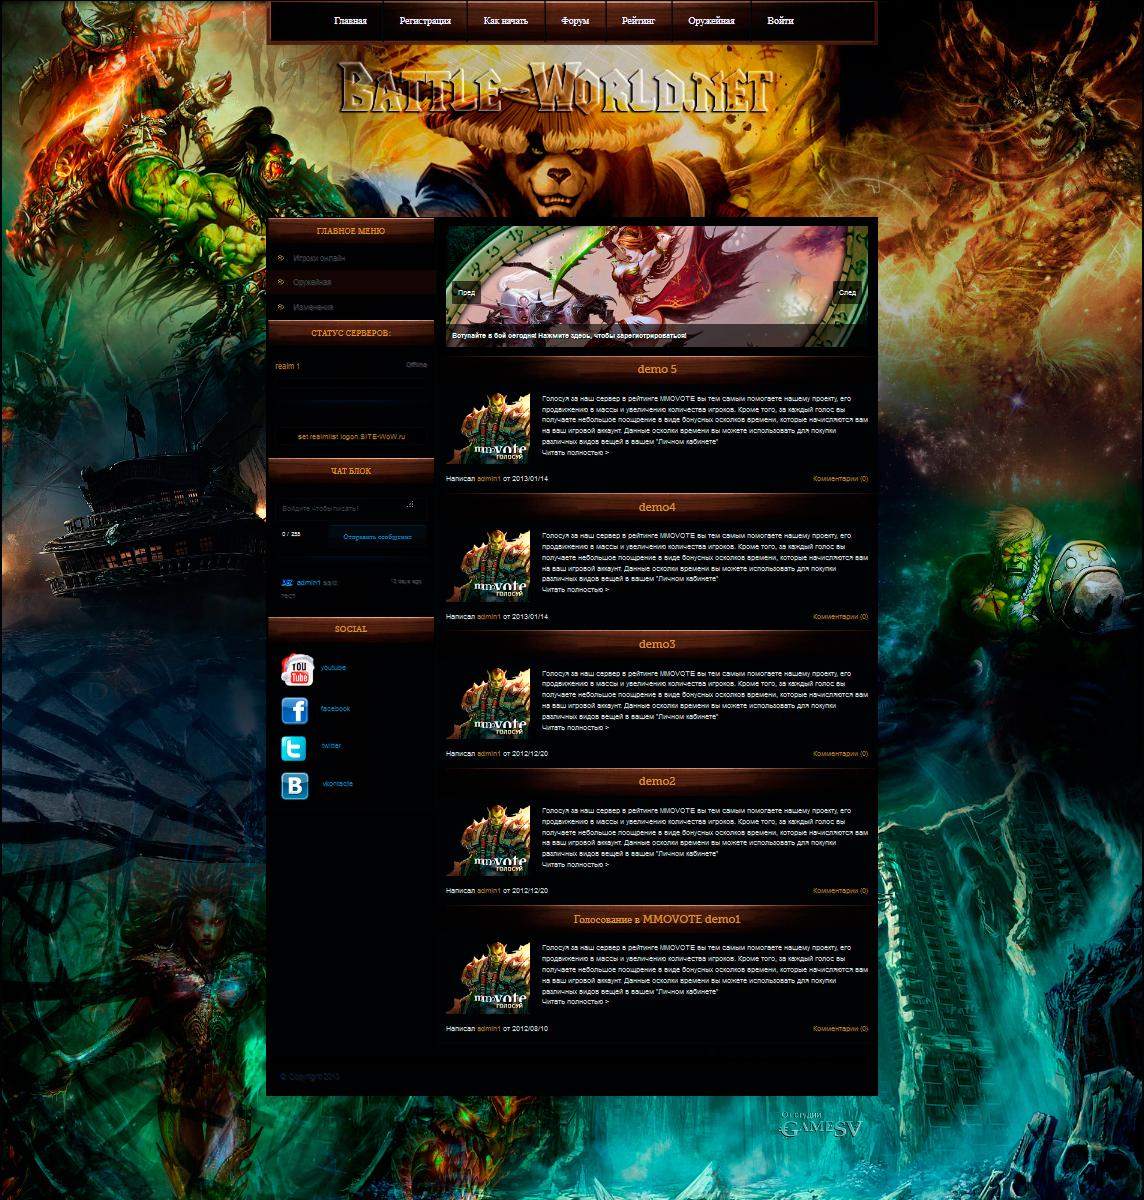 battle-world.net